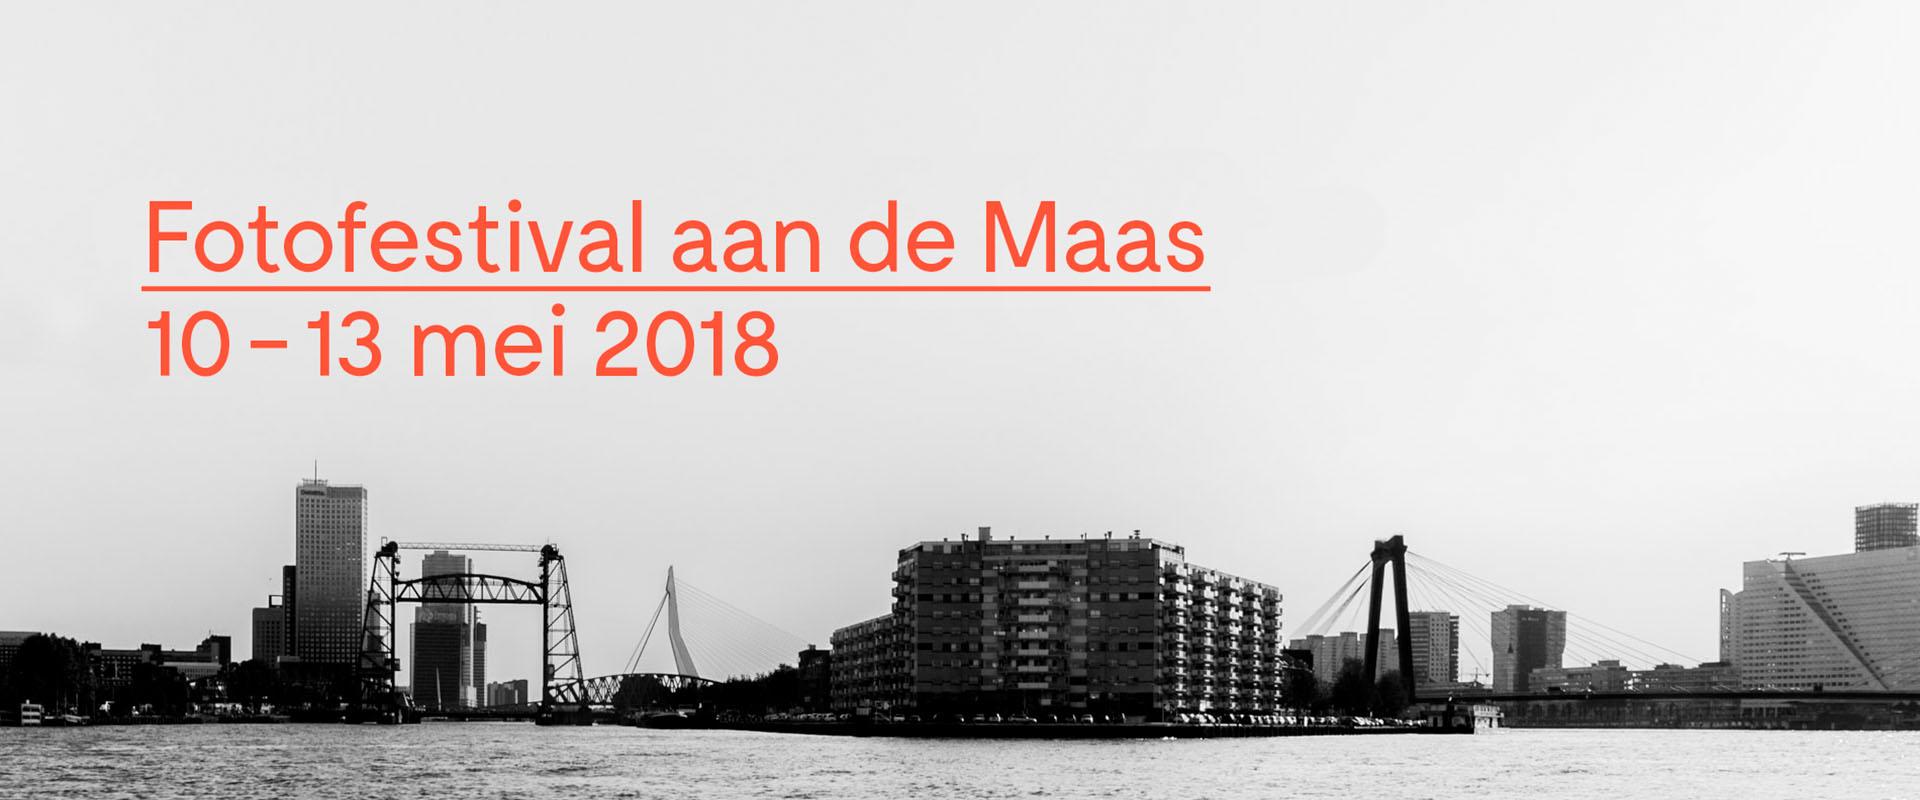 fotofestival-aan-de-maas